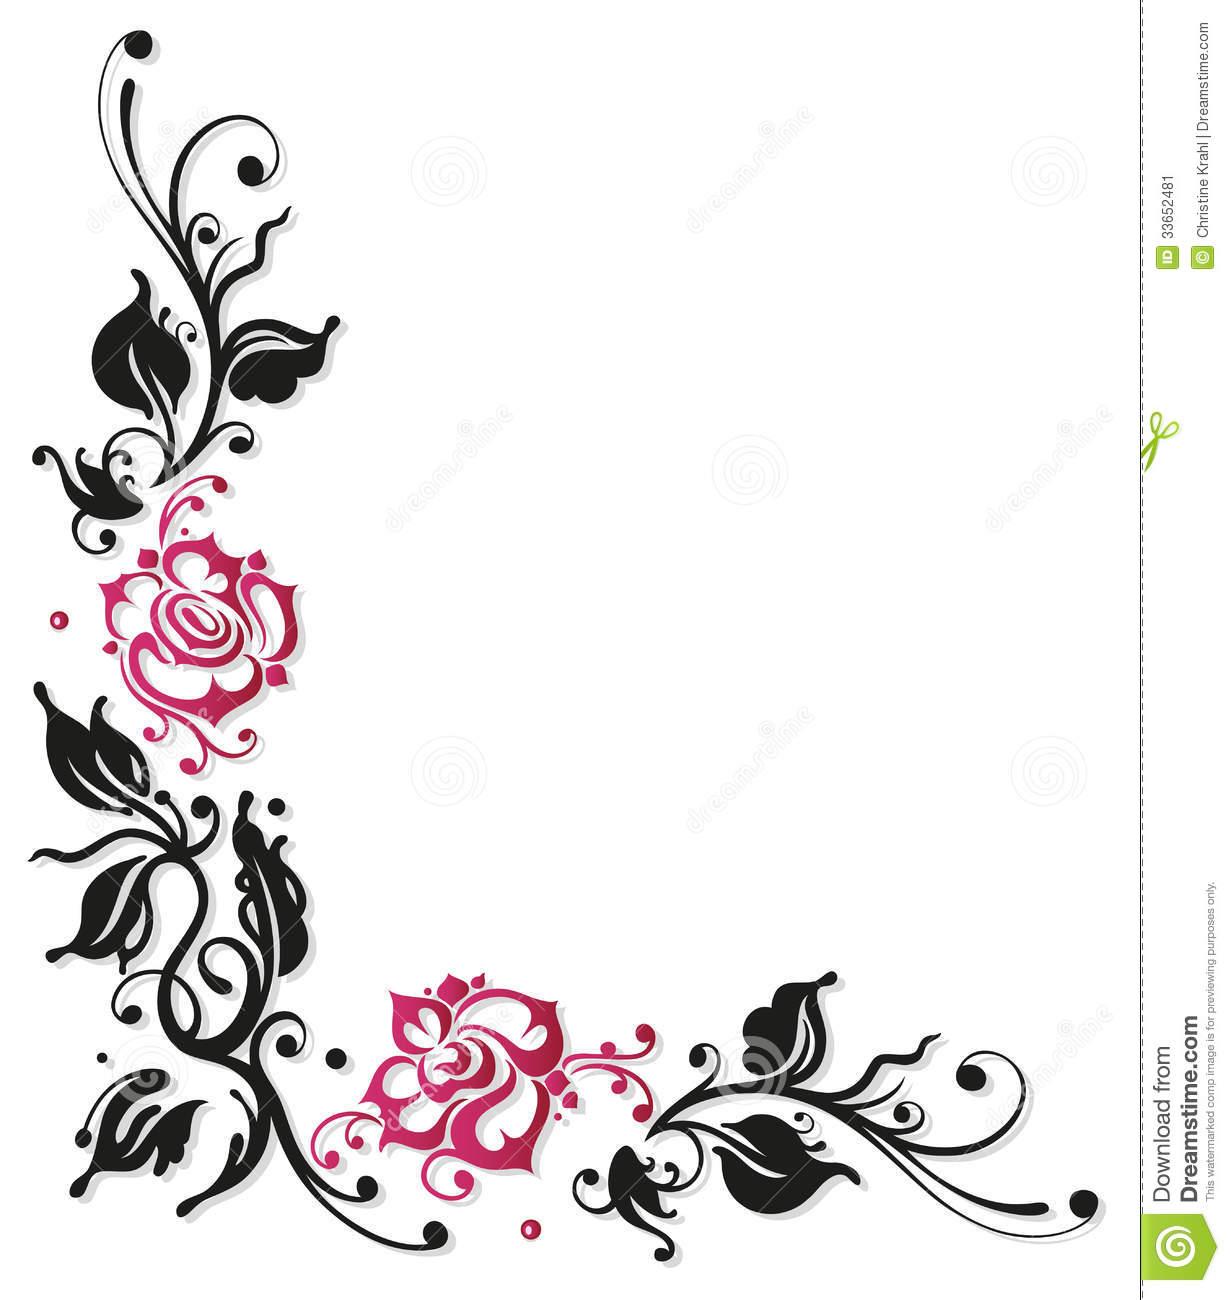 Rose Flower Border - ClipArt Best